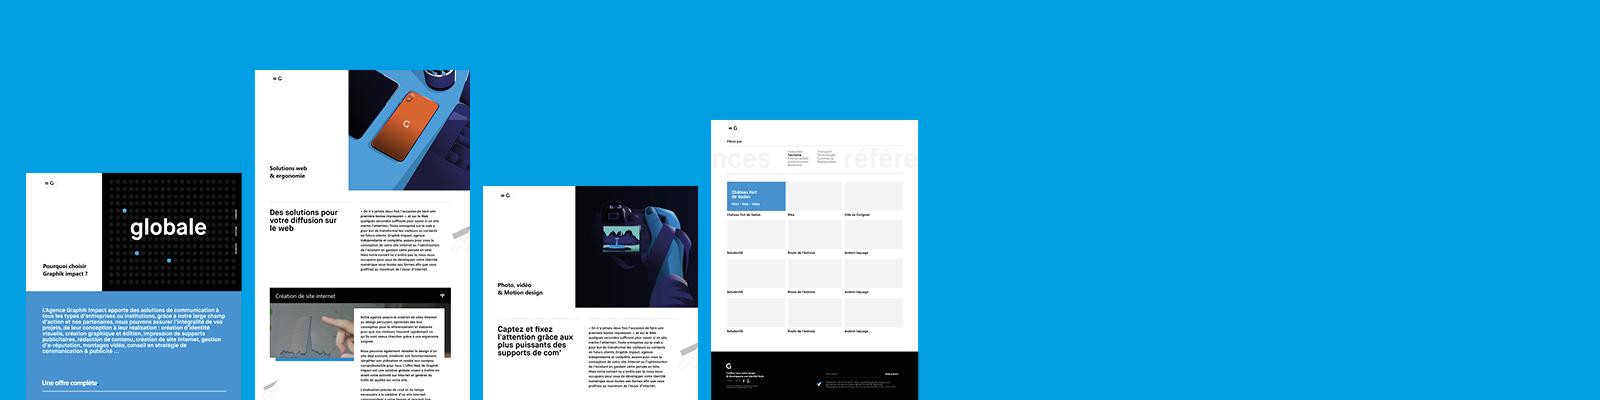 Webdesign - Design graphique & Design de marque